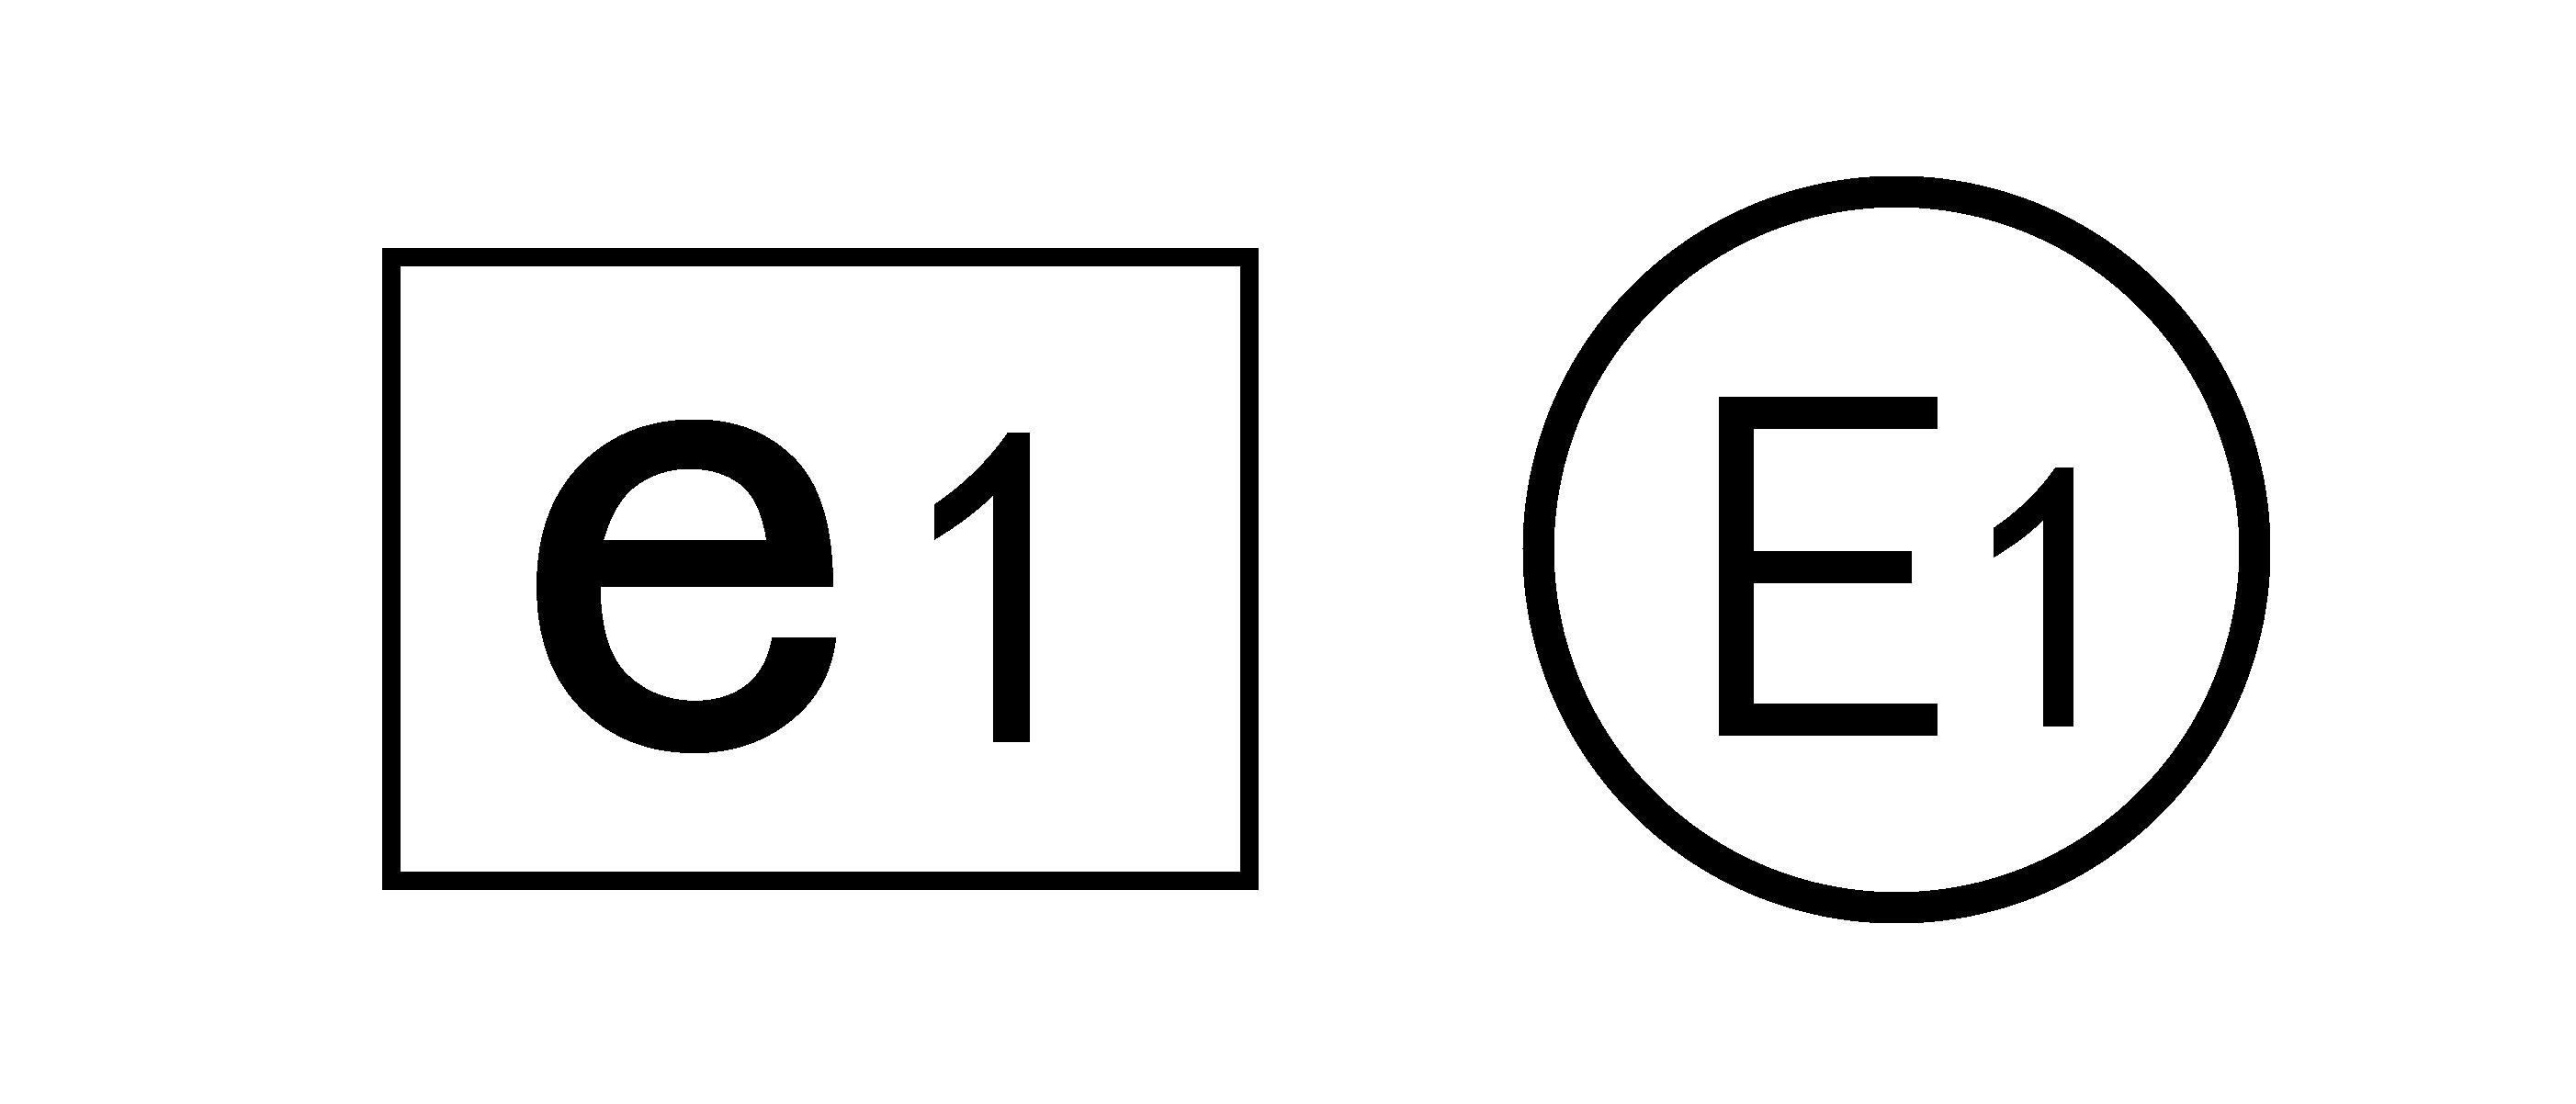 大写E标志和小写e标志